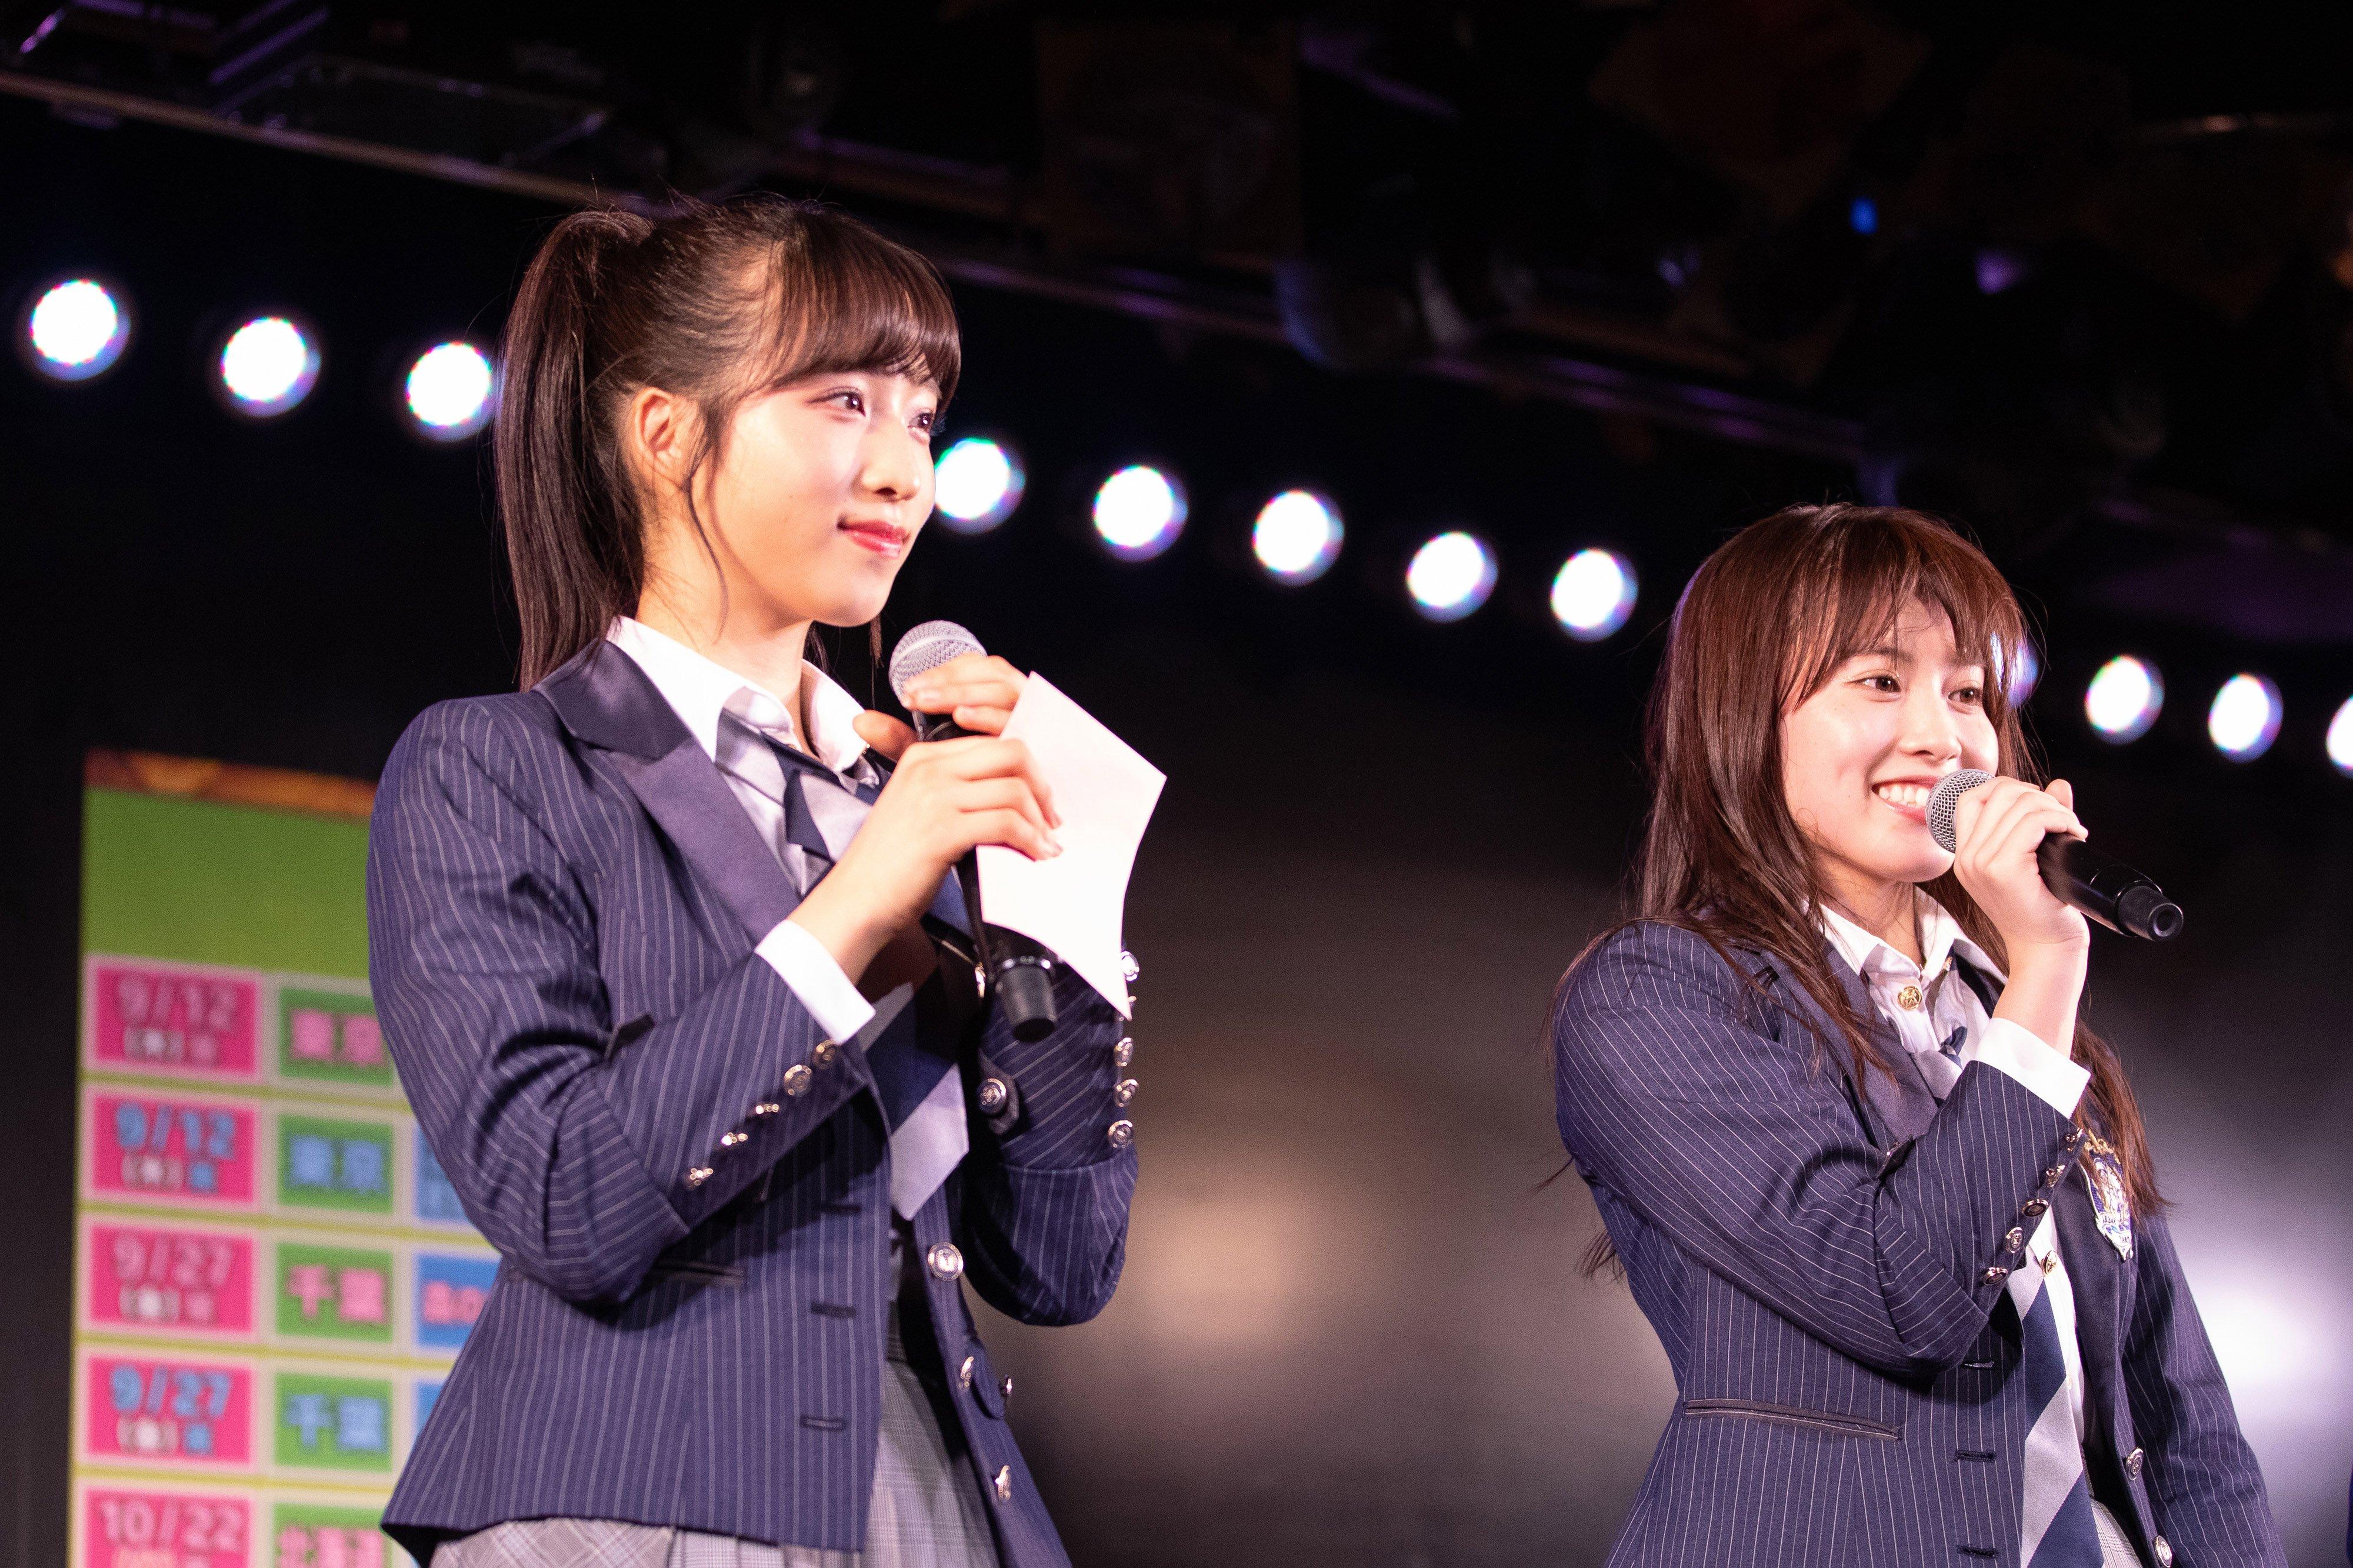 ⽇本全国10か所を巡る「AKB48全国ツアー2019」が7月から開始!【写真5枚】の画像005